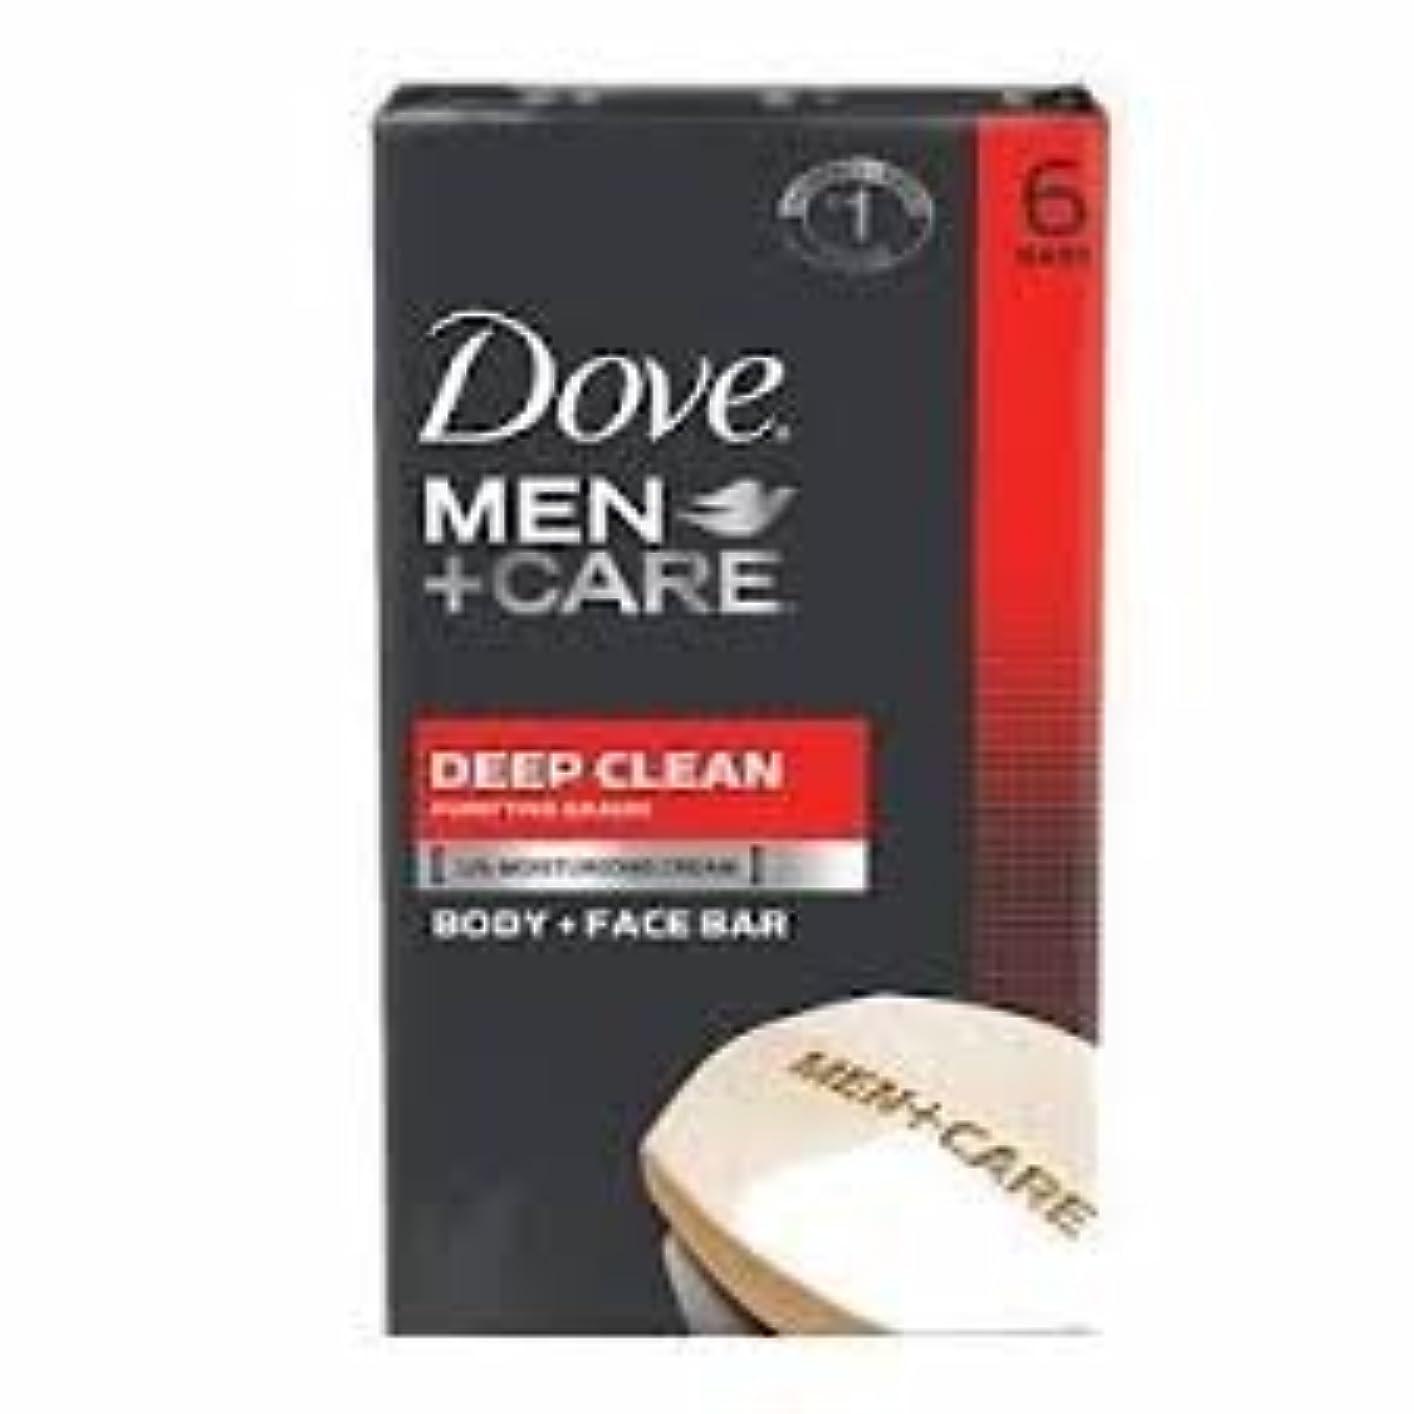 本会議ラフレシアアルノルディ殺すDove Men + Care Body and Face Bar, Deep Clean 4oz x 6Bars ダブ メン プラスケア ディープ クリーン ソープ 4oz x 6個